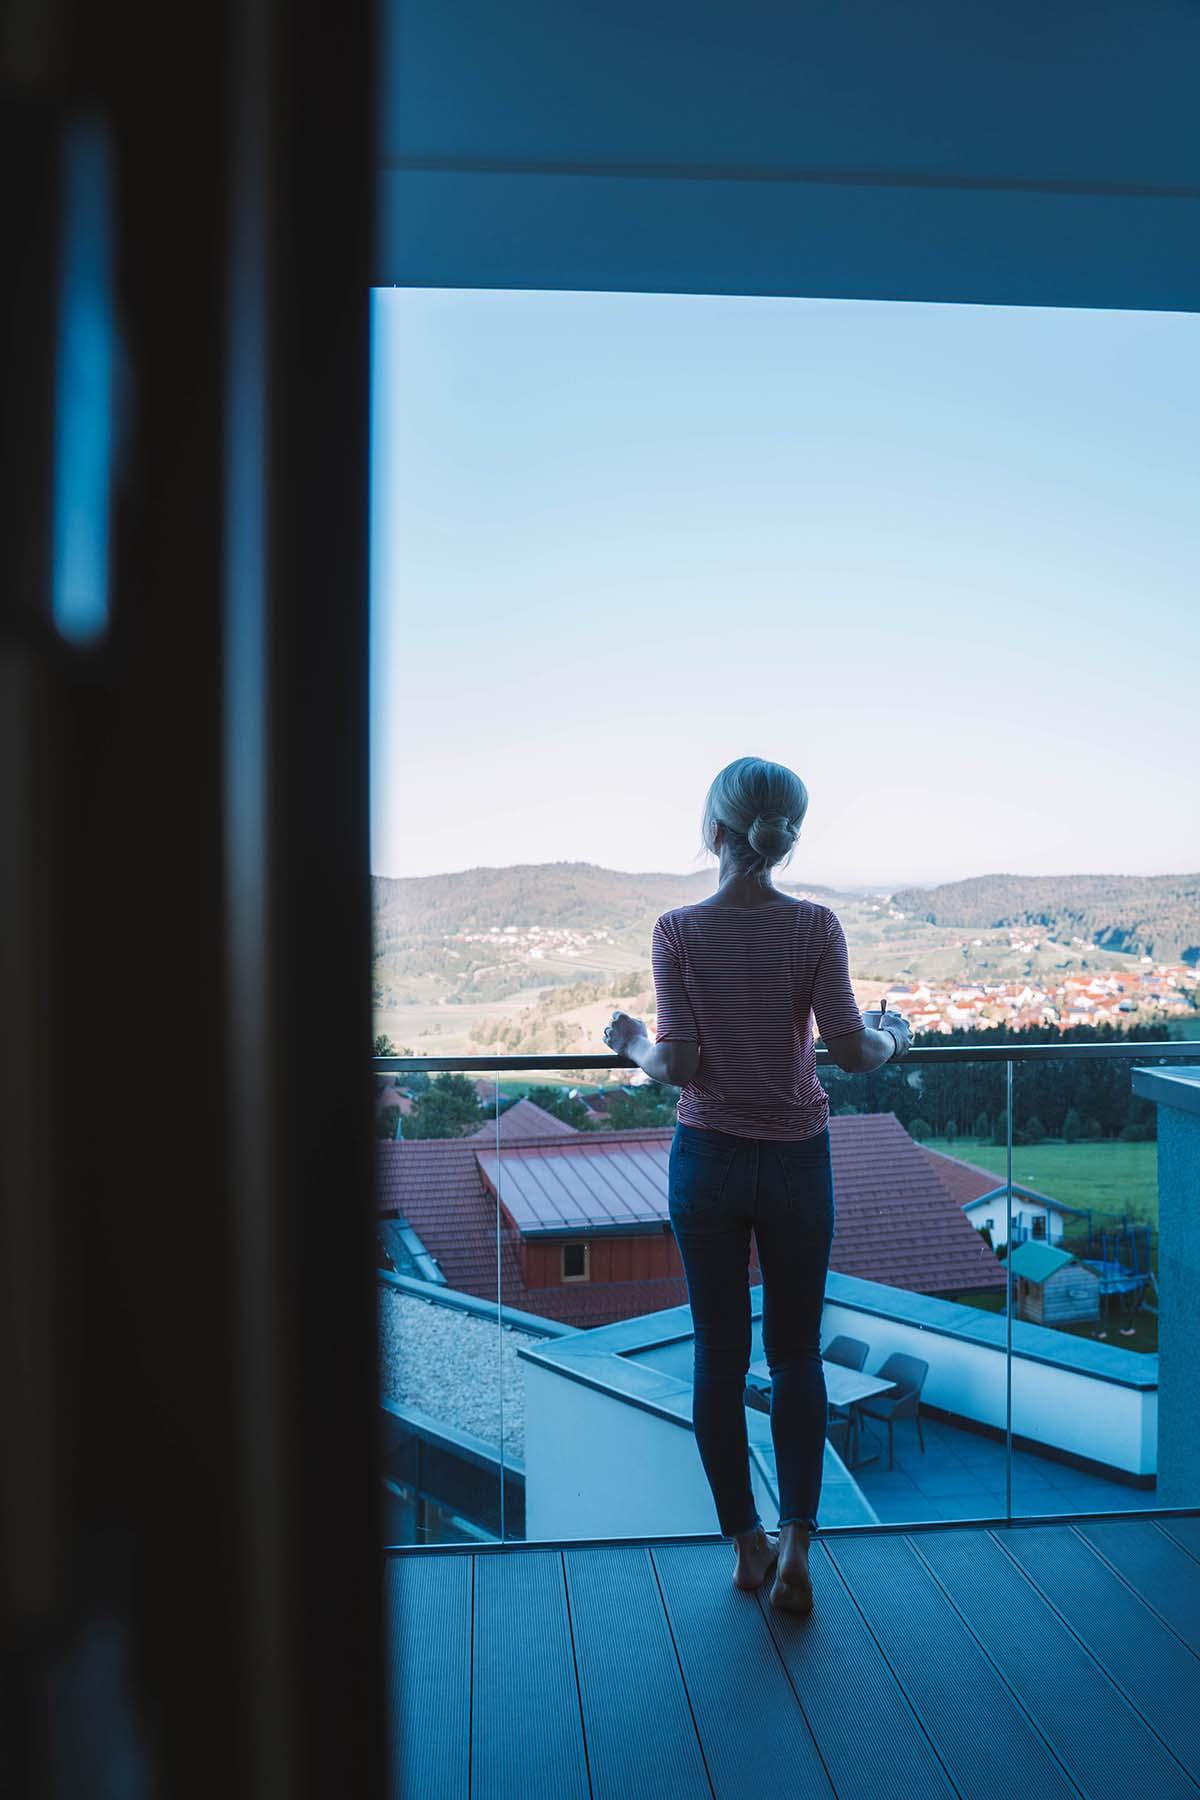 wellnesshotel-huettenhof-frau-balkon-aussicht